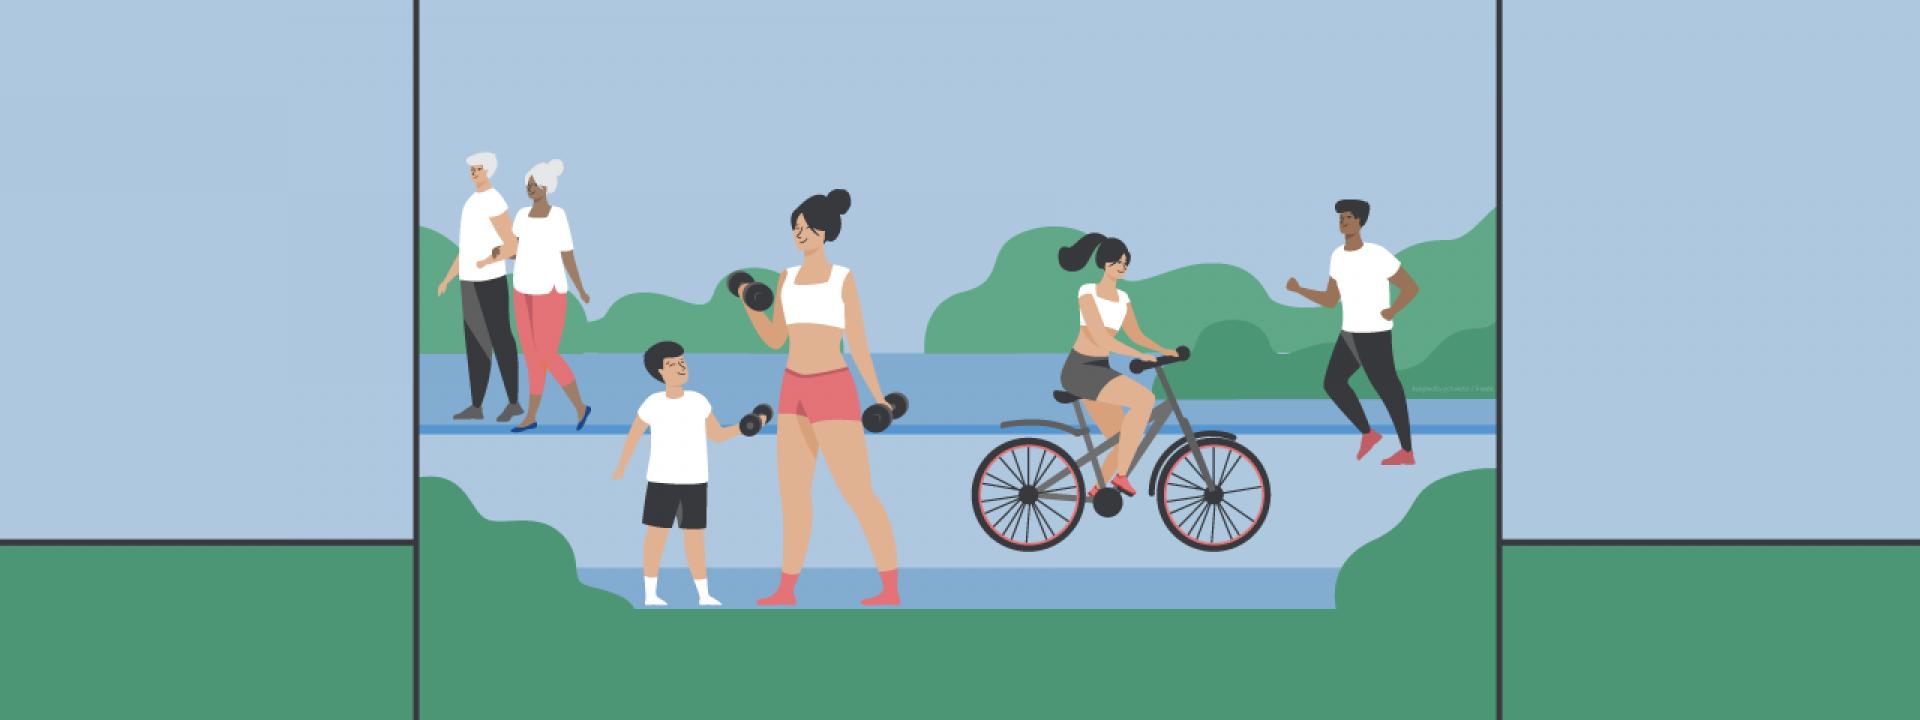 Συζήτηση: H άσκηση ως μέσο πρόληψης και θεραπείας  - Εικόνα